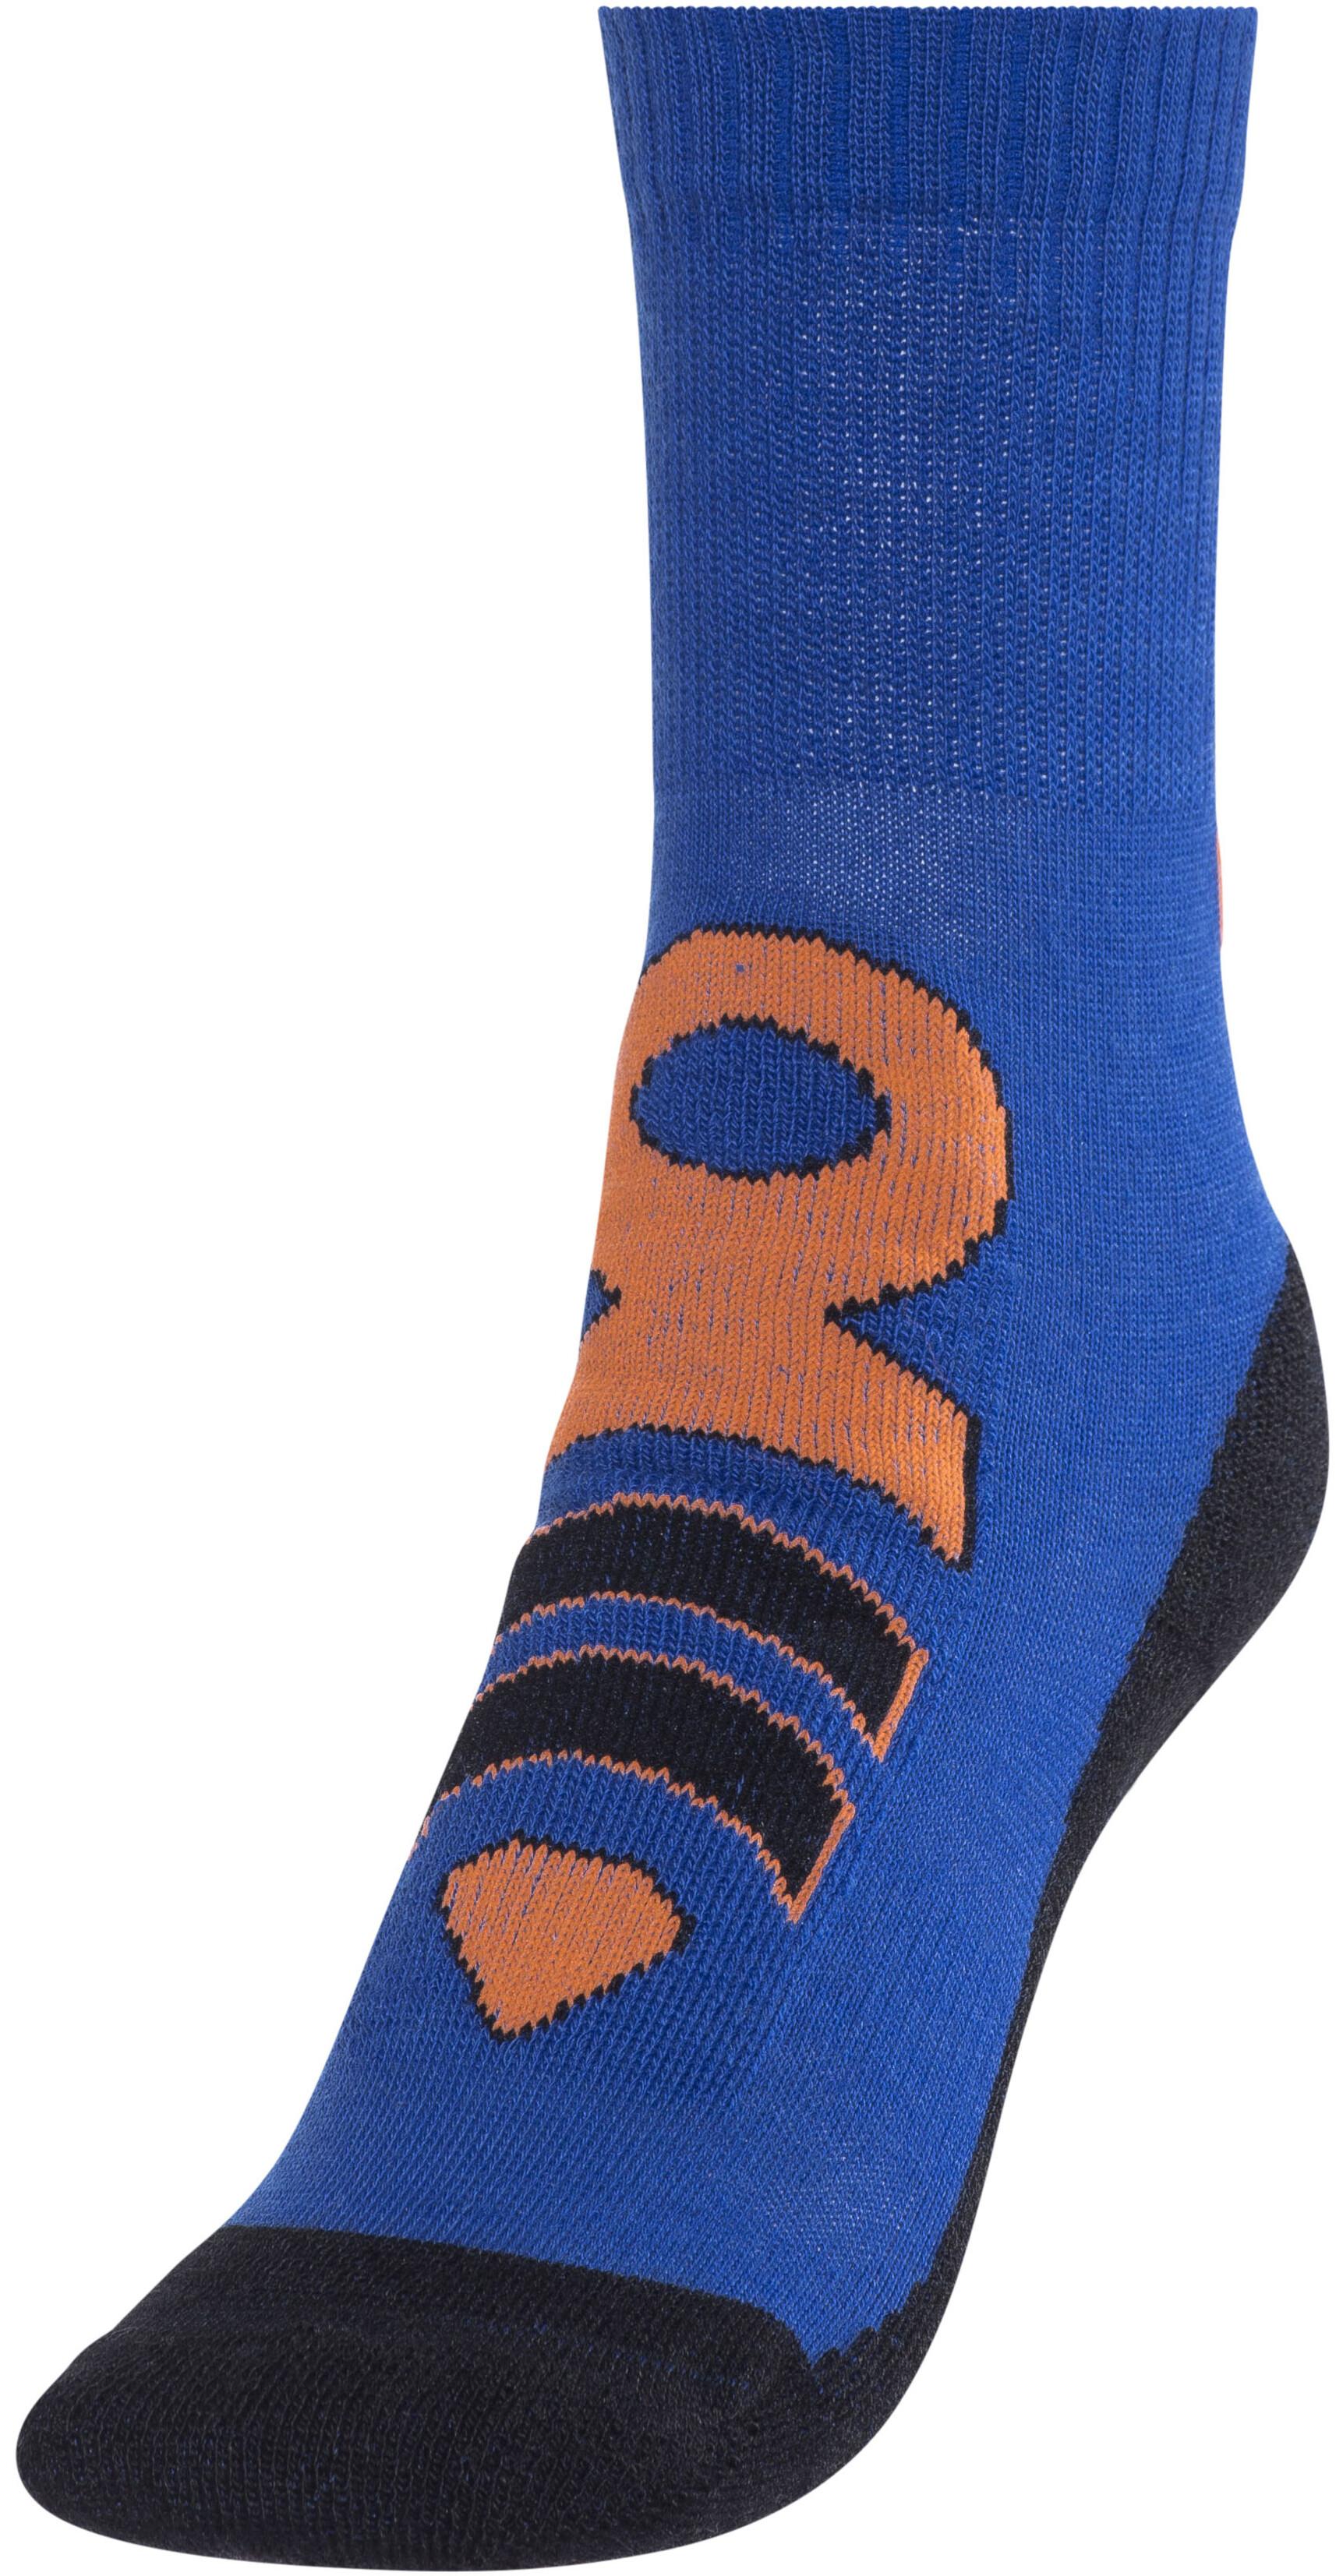 Royaume-Uni disponibilité 18b97 c7fec Rohner Hiking Chaussettes Enfant, royal blue